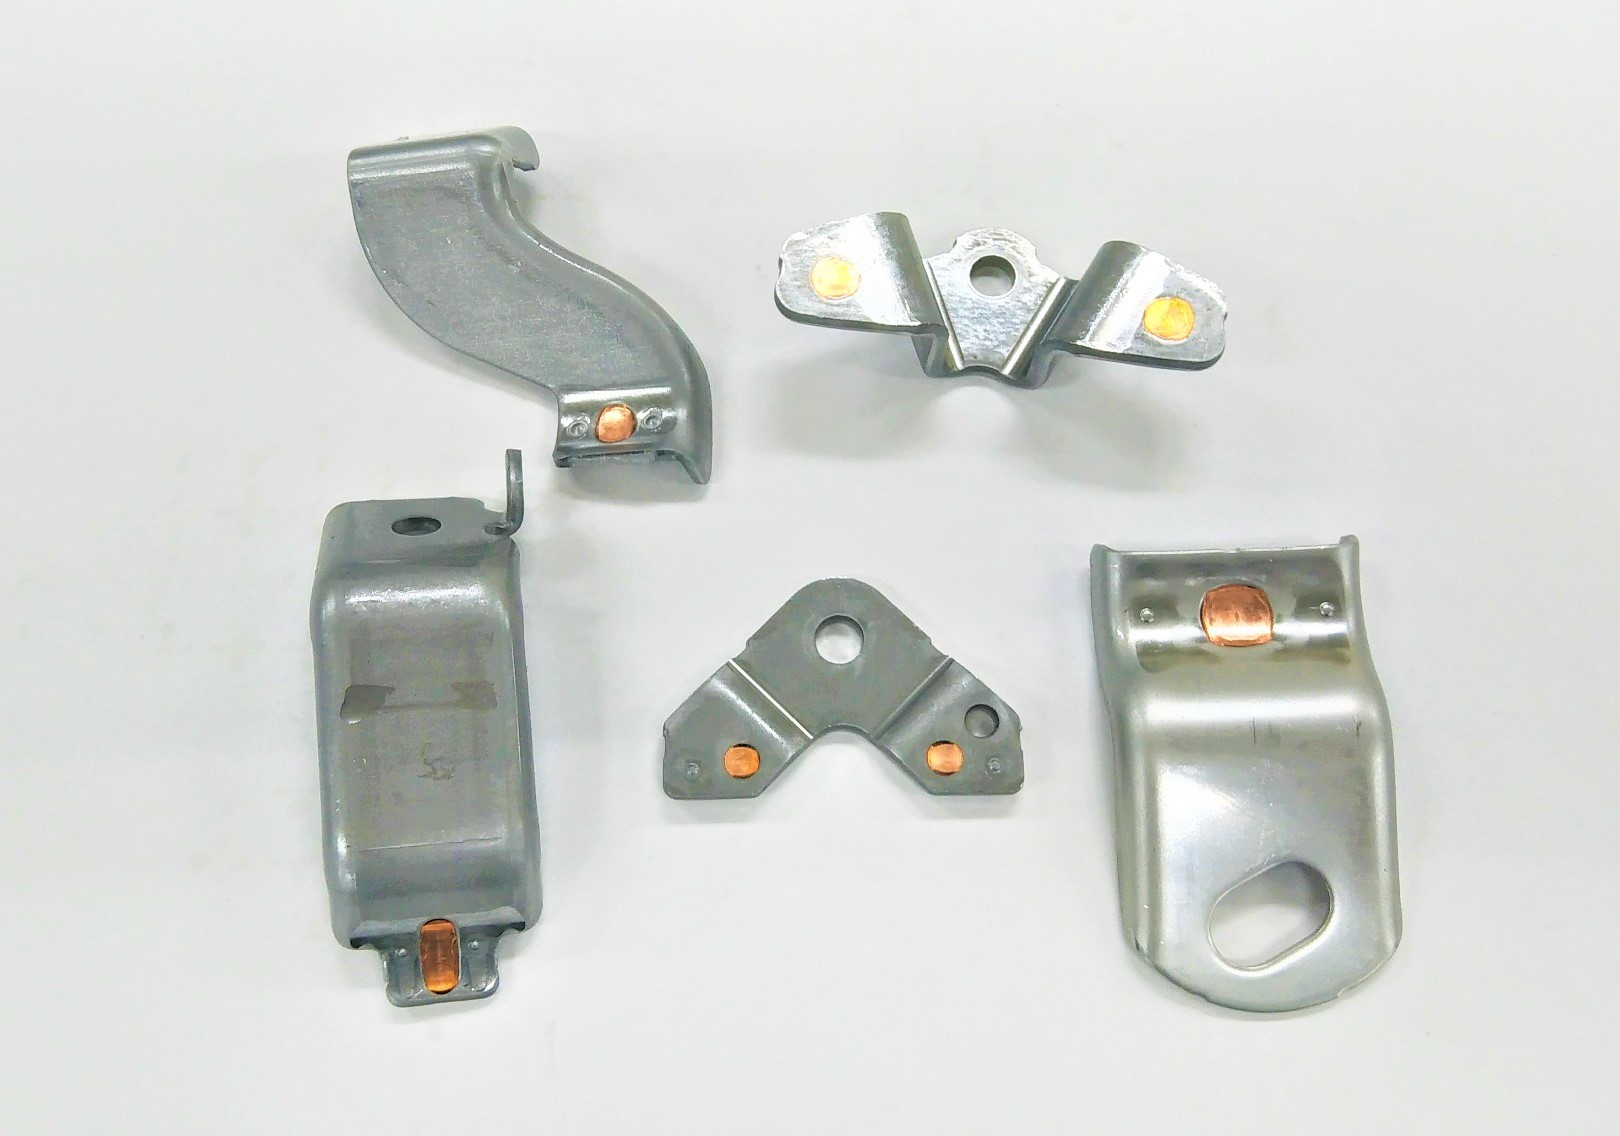 ブレージング用ロウ材(銅)のプレス工程内自動埋め込み技術